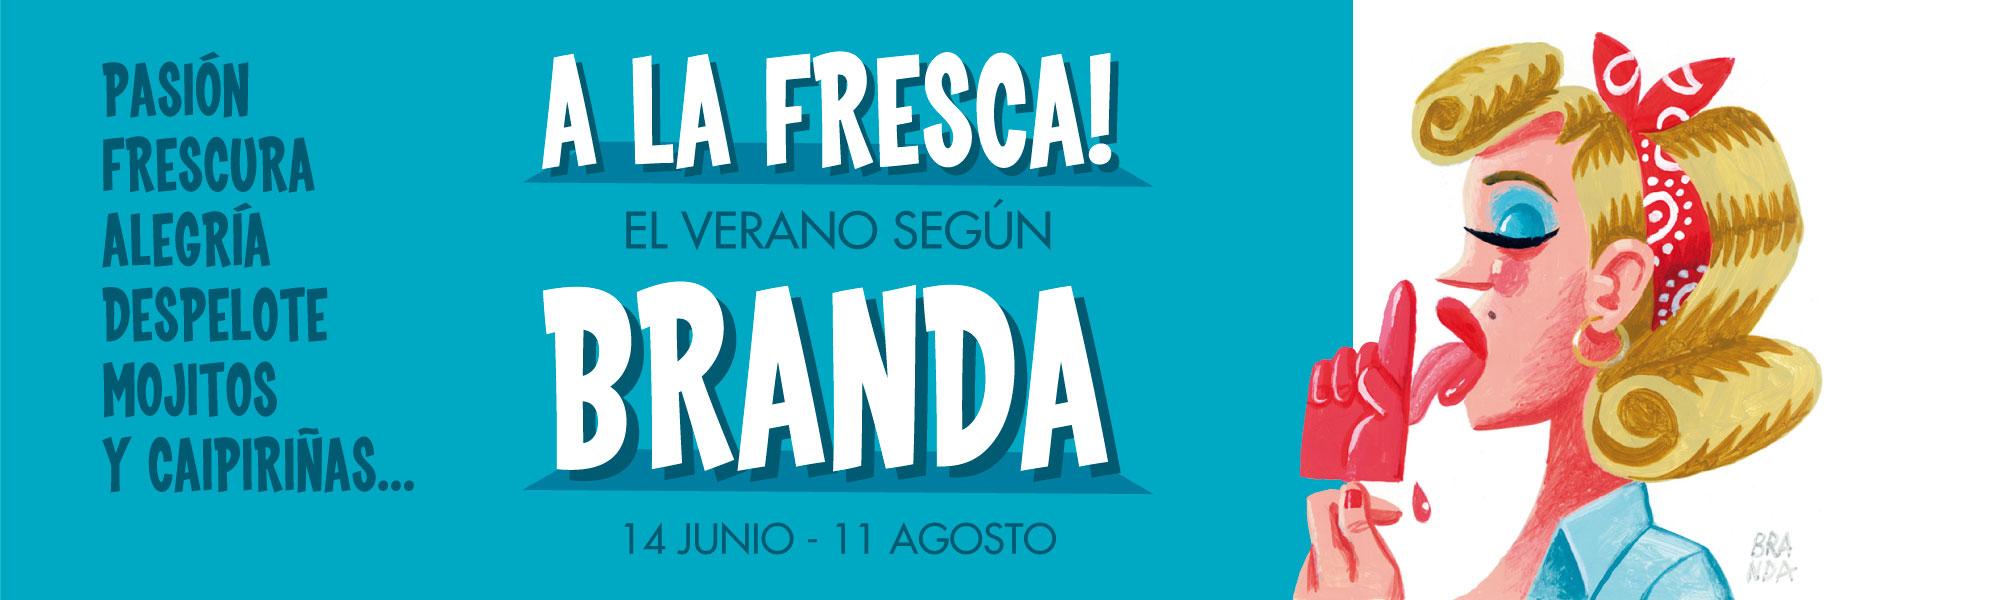 a-la-fresca-branda-slide-2000X600